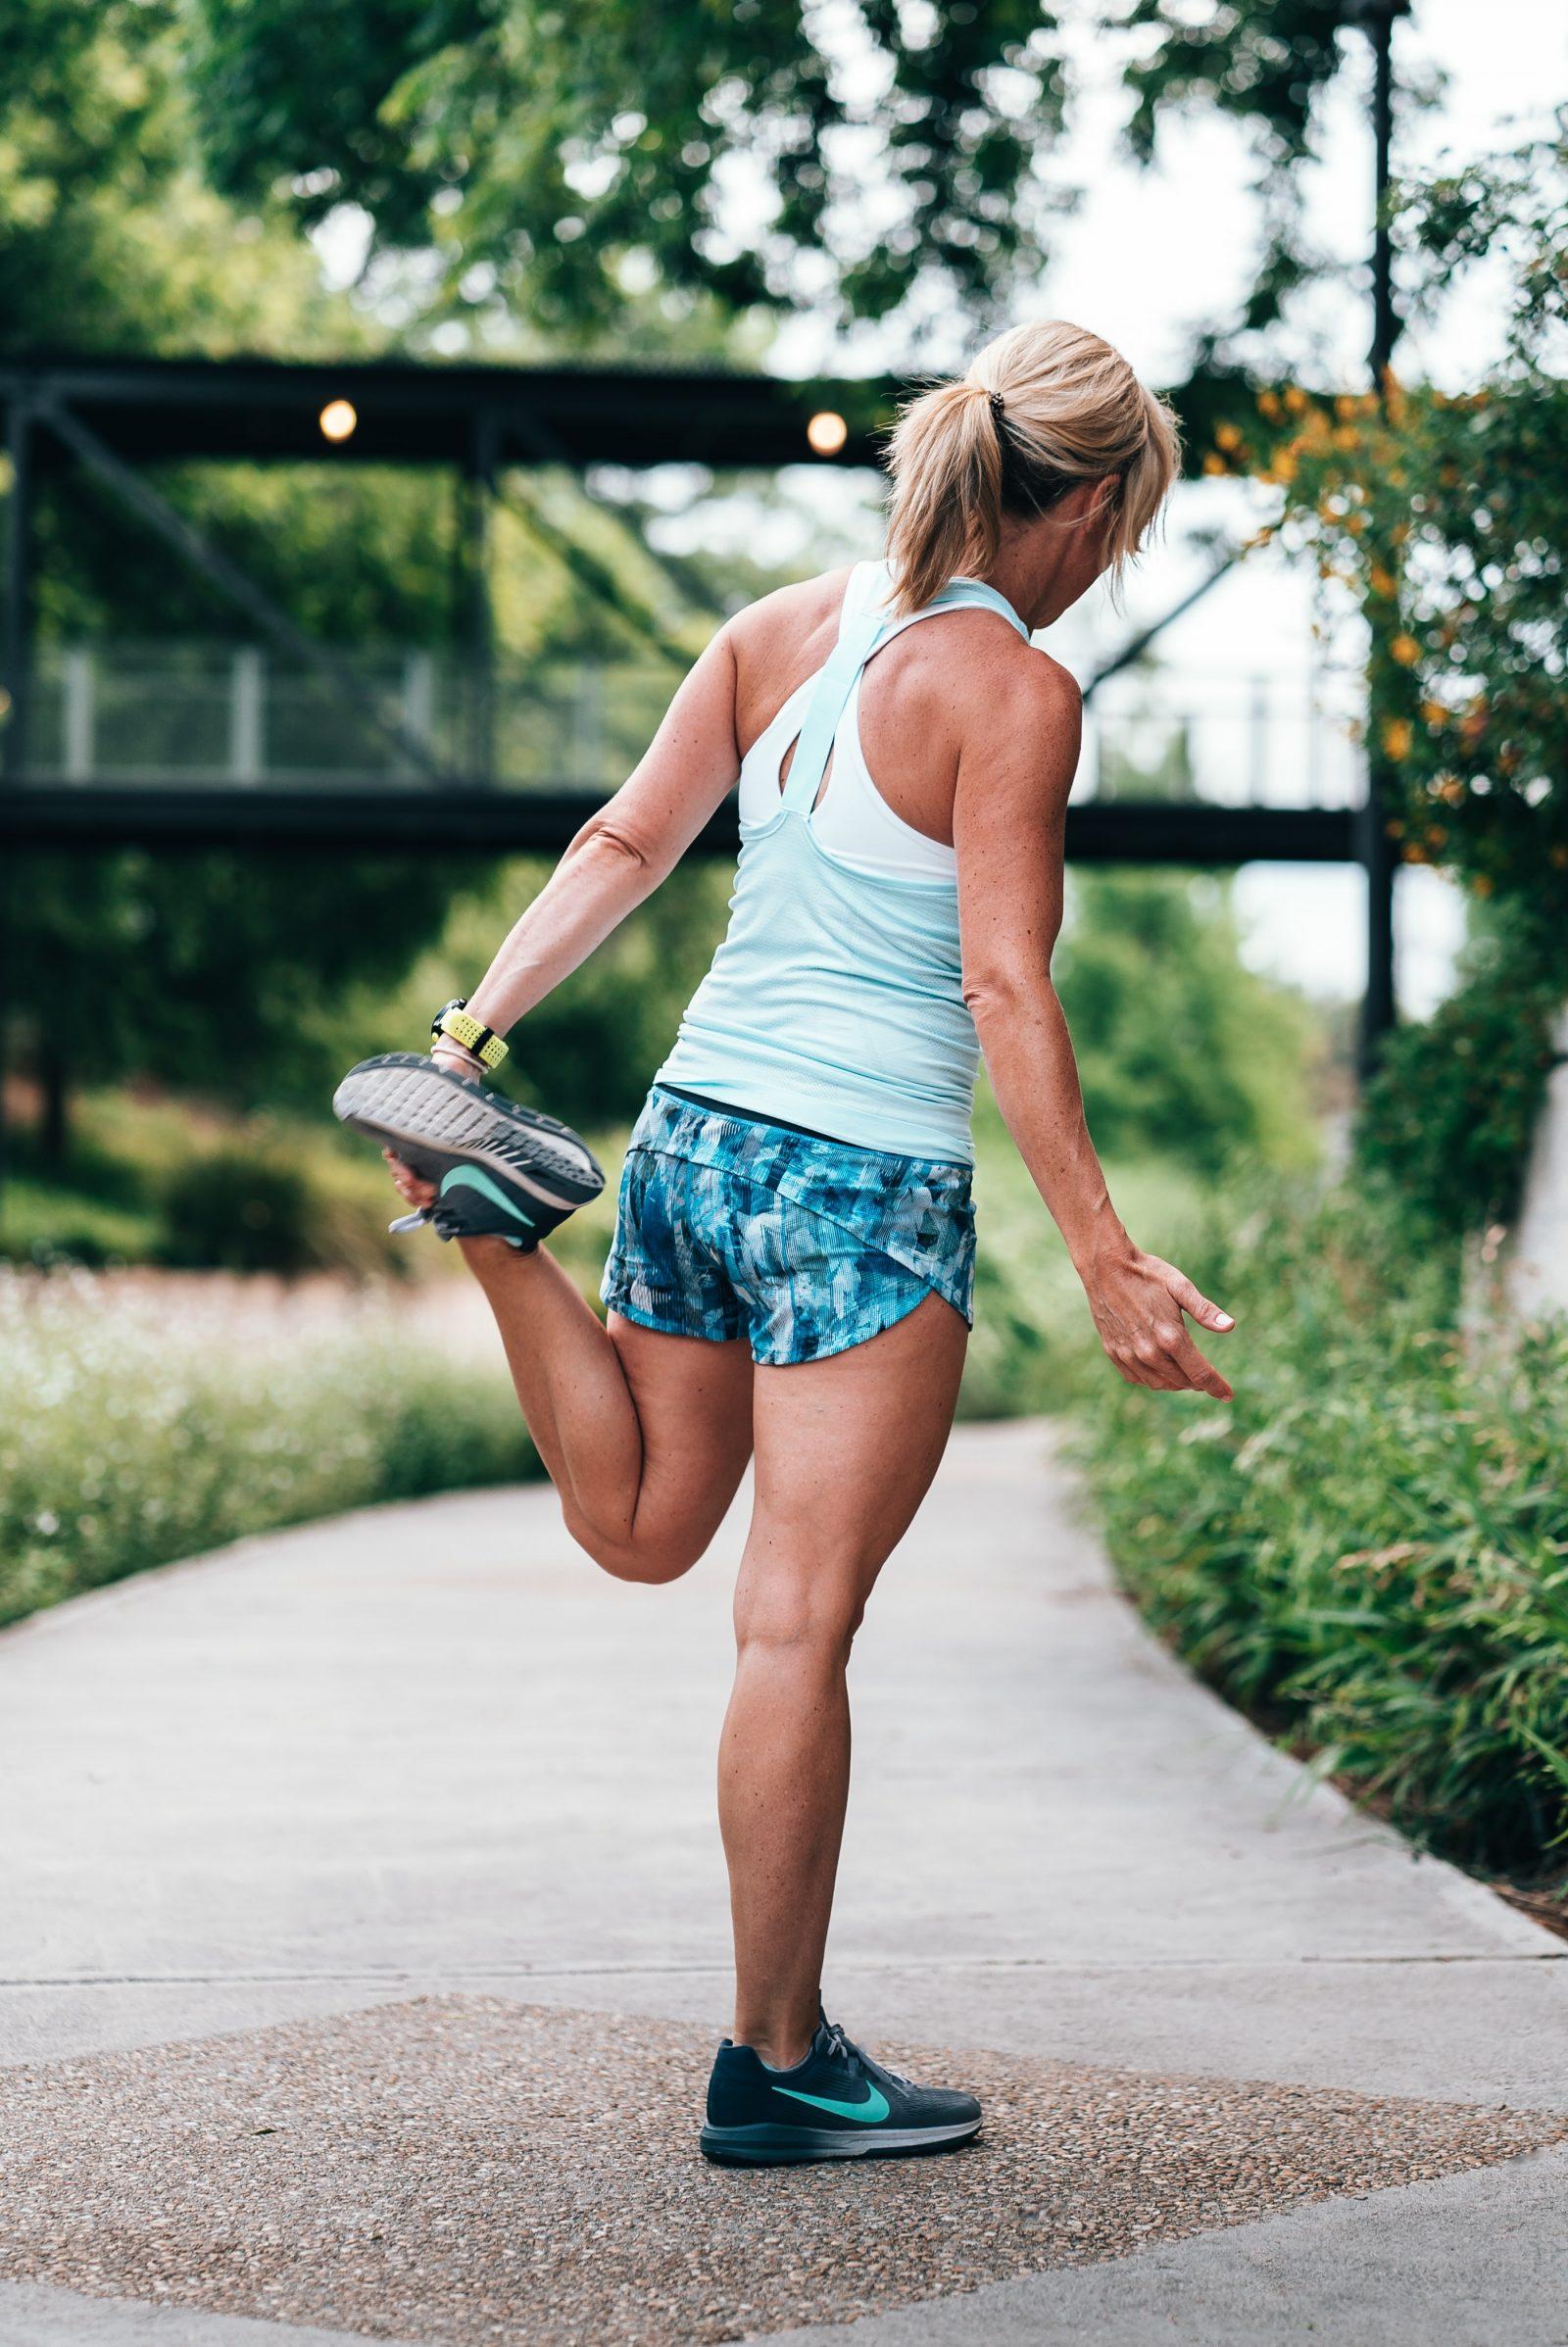 Ways to Make Walking less boring